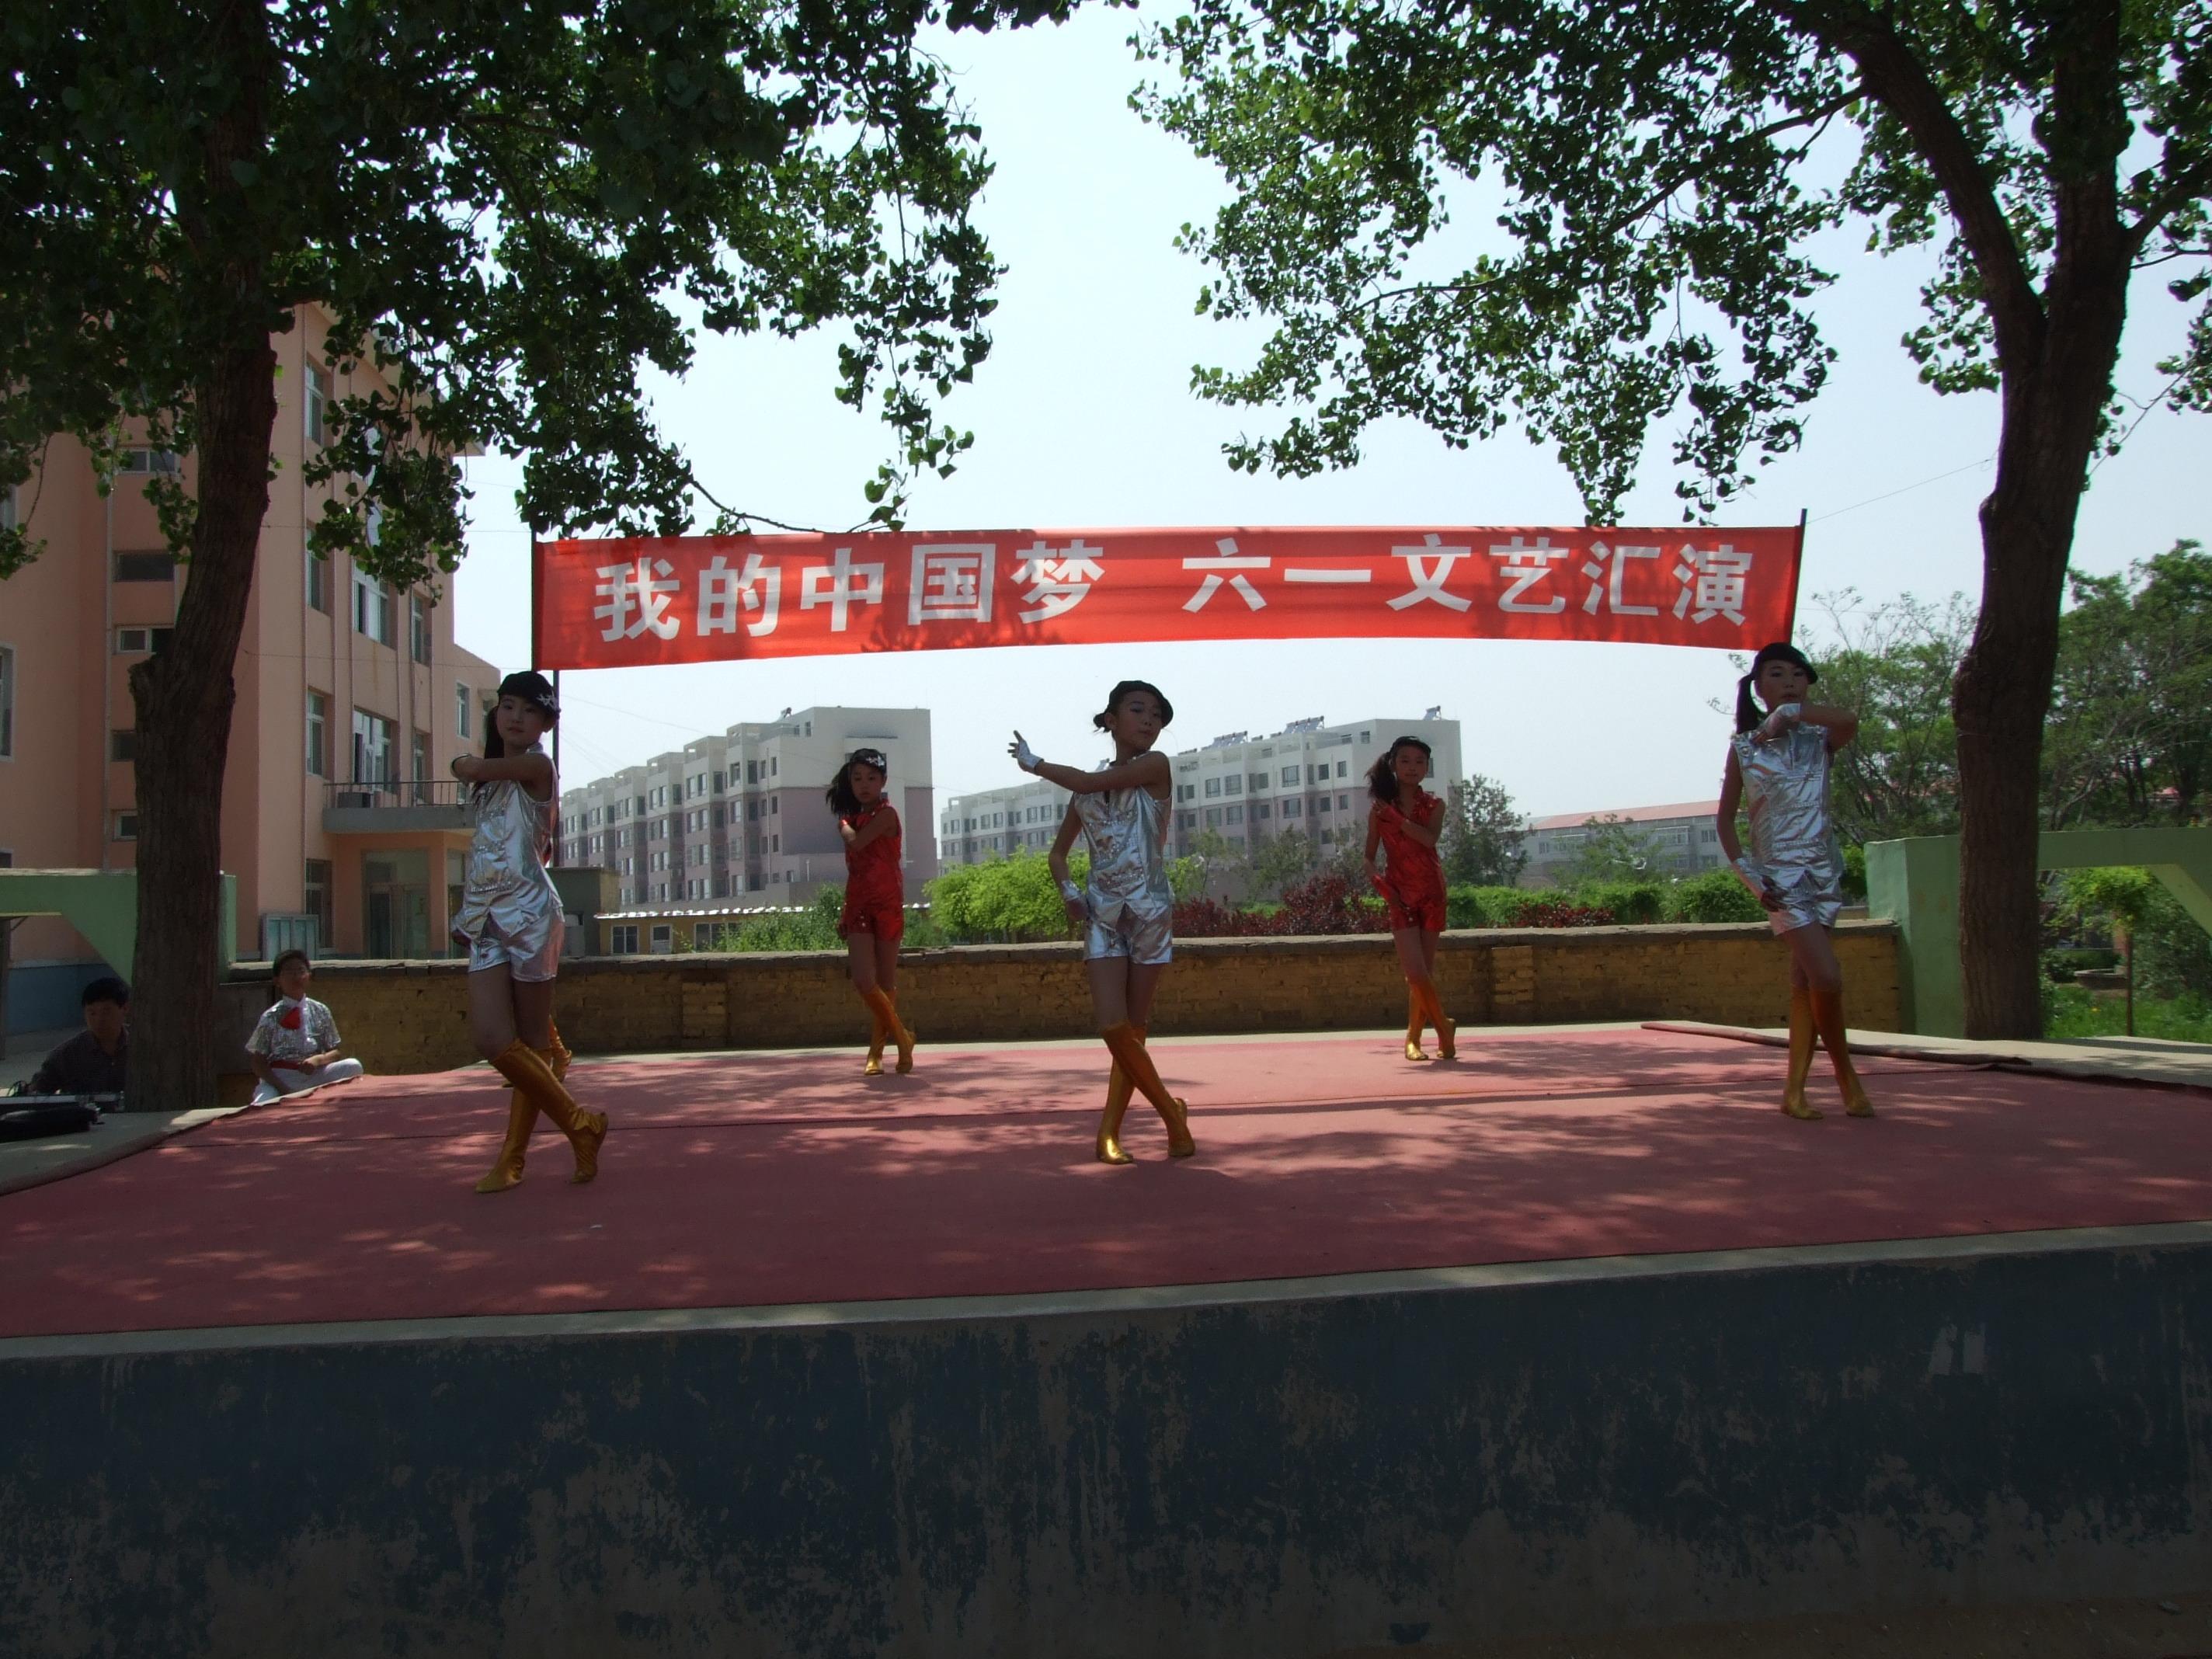 辽宁省葫芦岛市绥中县前所镇中心小学欢度六一国际儿童节